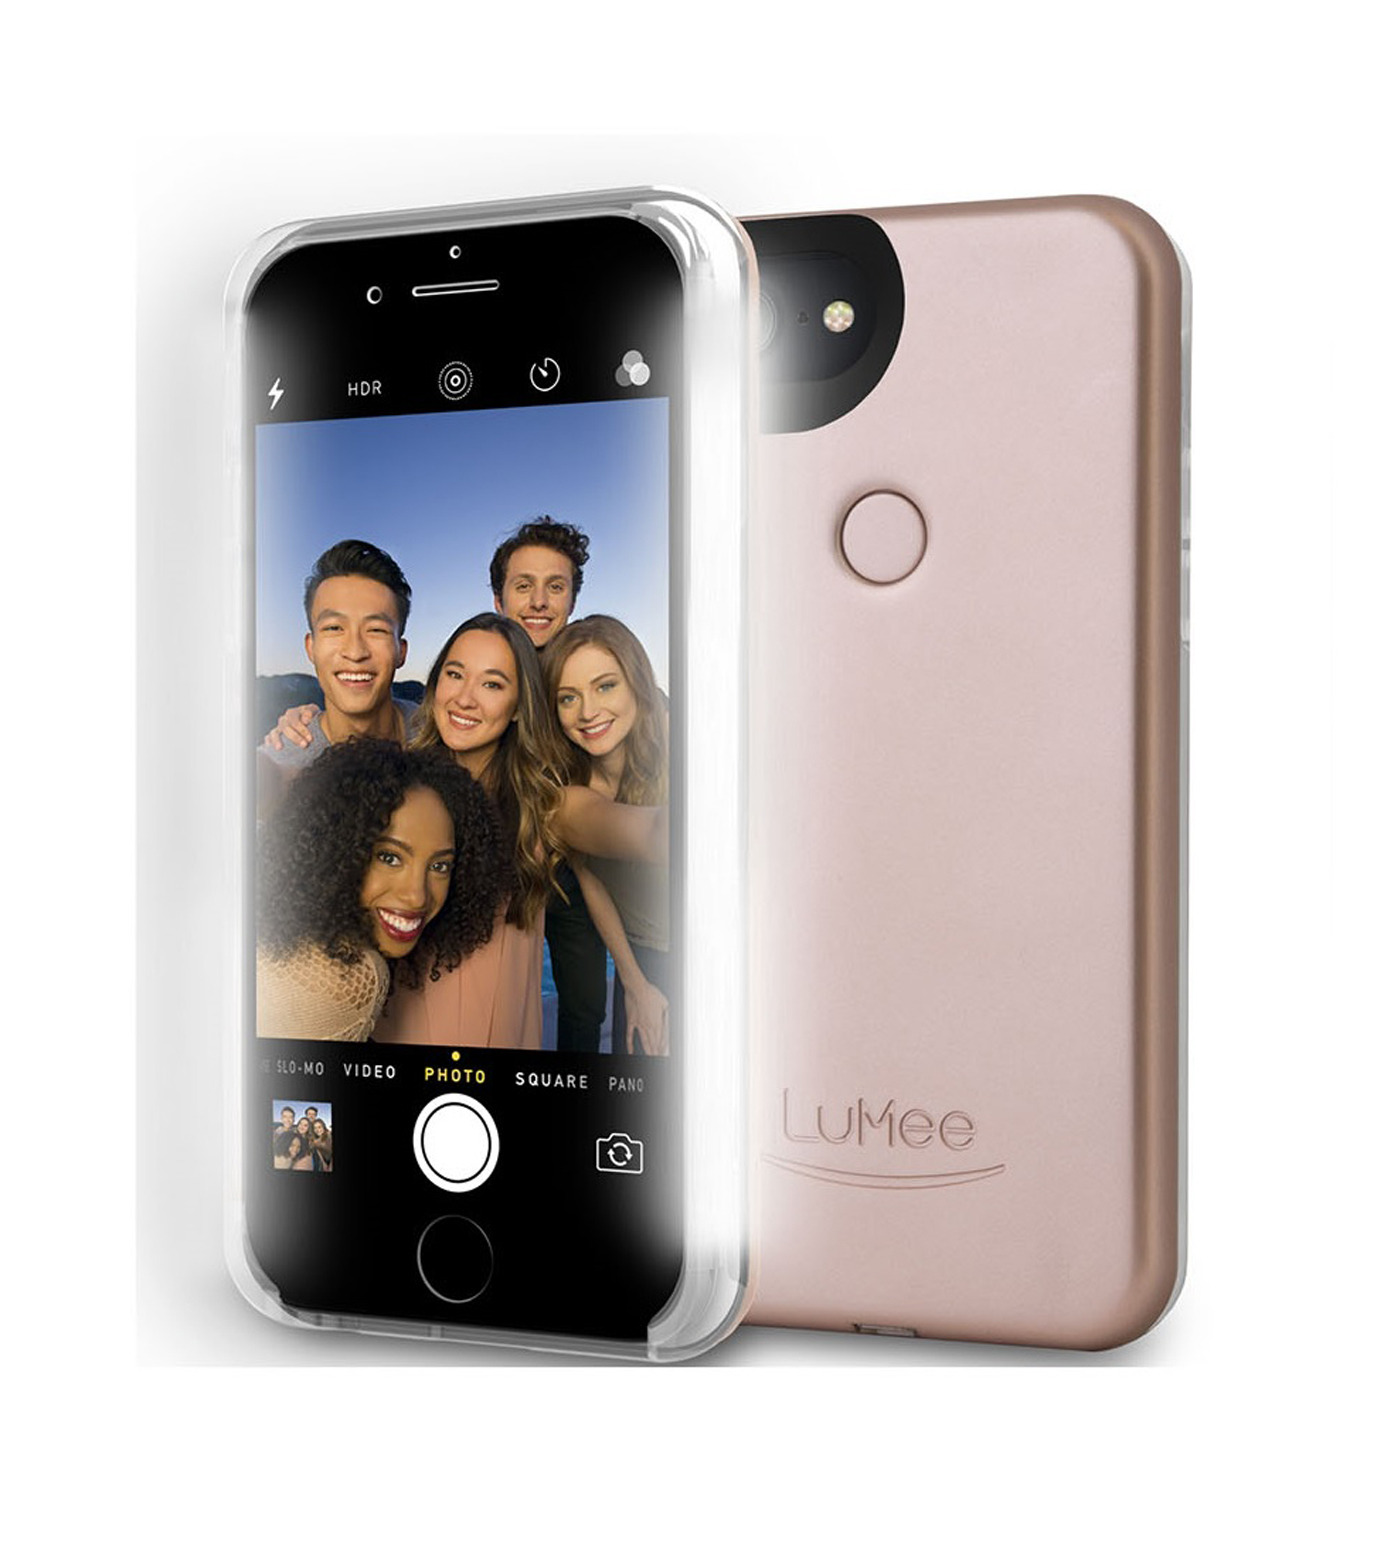 LuMee(ルーミー)のLuMee two iPhone 6/6s/7 -Rose Matte-ROSE(ケースiphone7/7plus/case iphone7/7plus)-L2-IP7-ROSEM-75 拡大詳細画像3